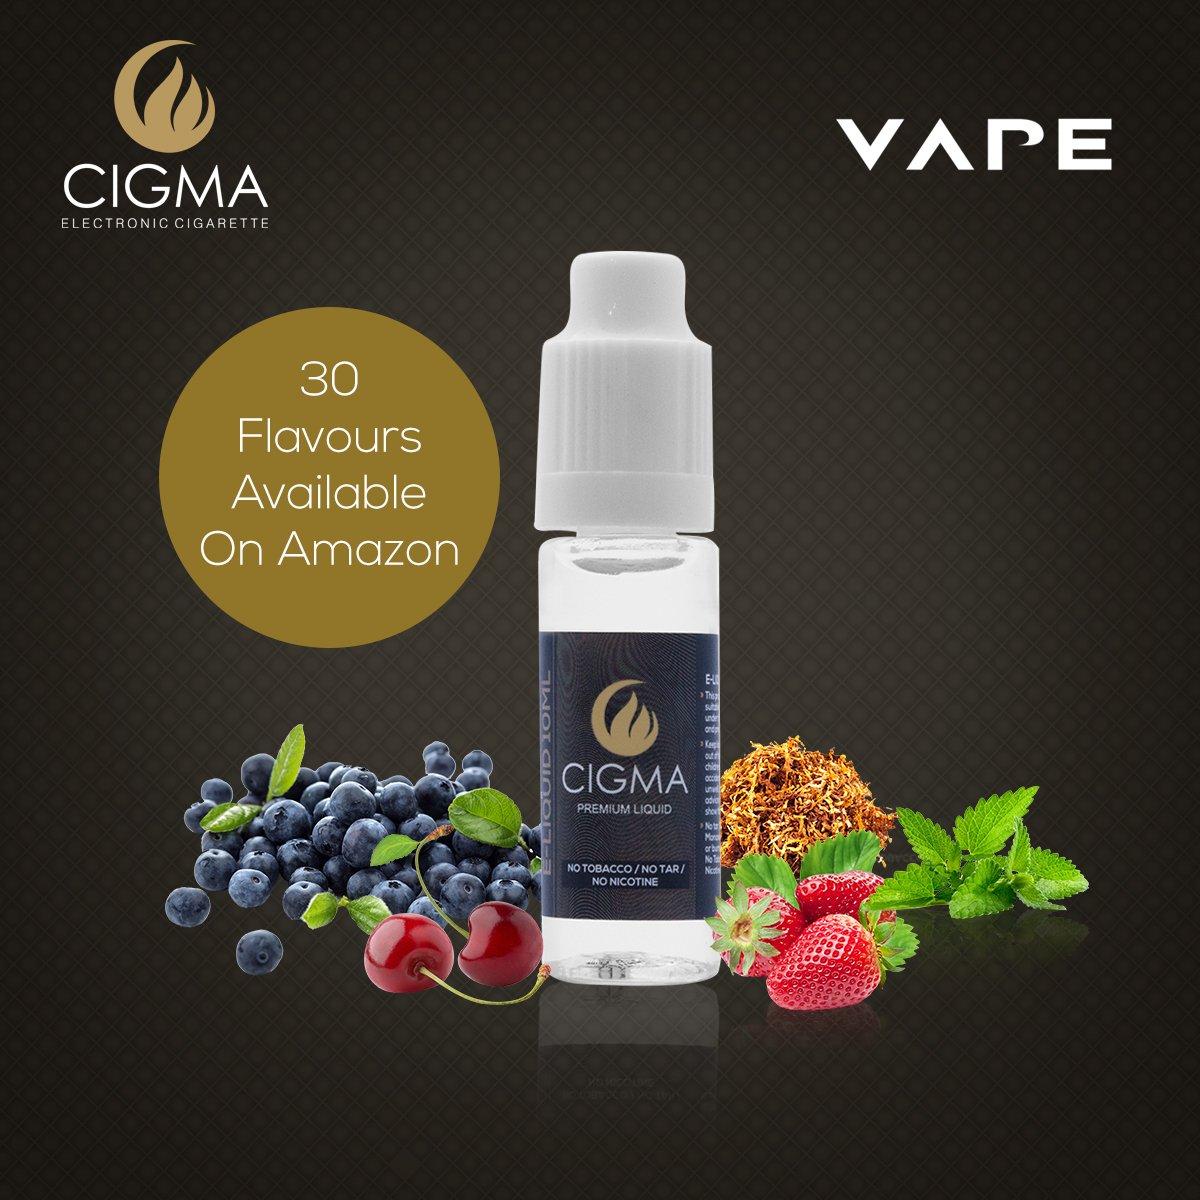 CIGMA 2 X 10ml E Líquido | Tabaco Gold | 2 botellas de la Nueva Fórmula de Calidad Premium con Sólo Ingredientes de Alto Nivel de Calidad | Hecho para ...